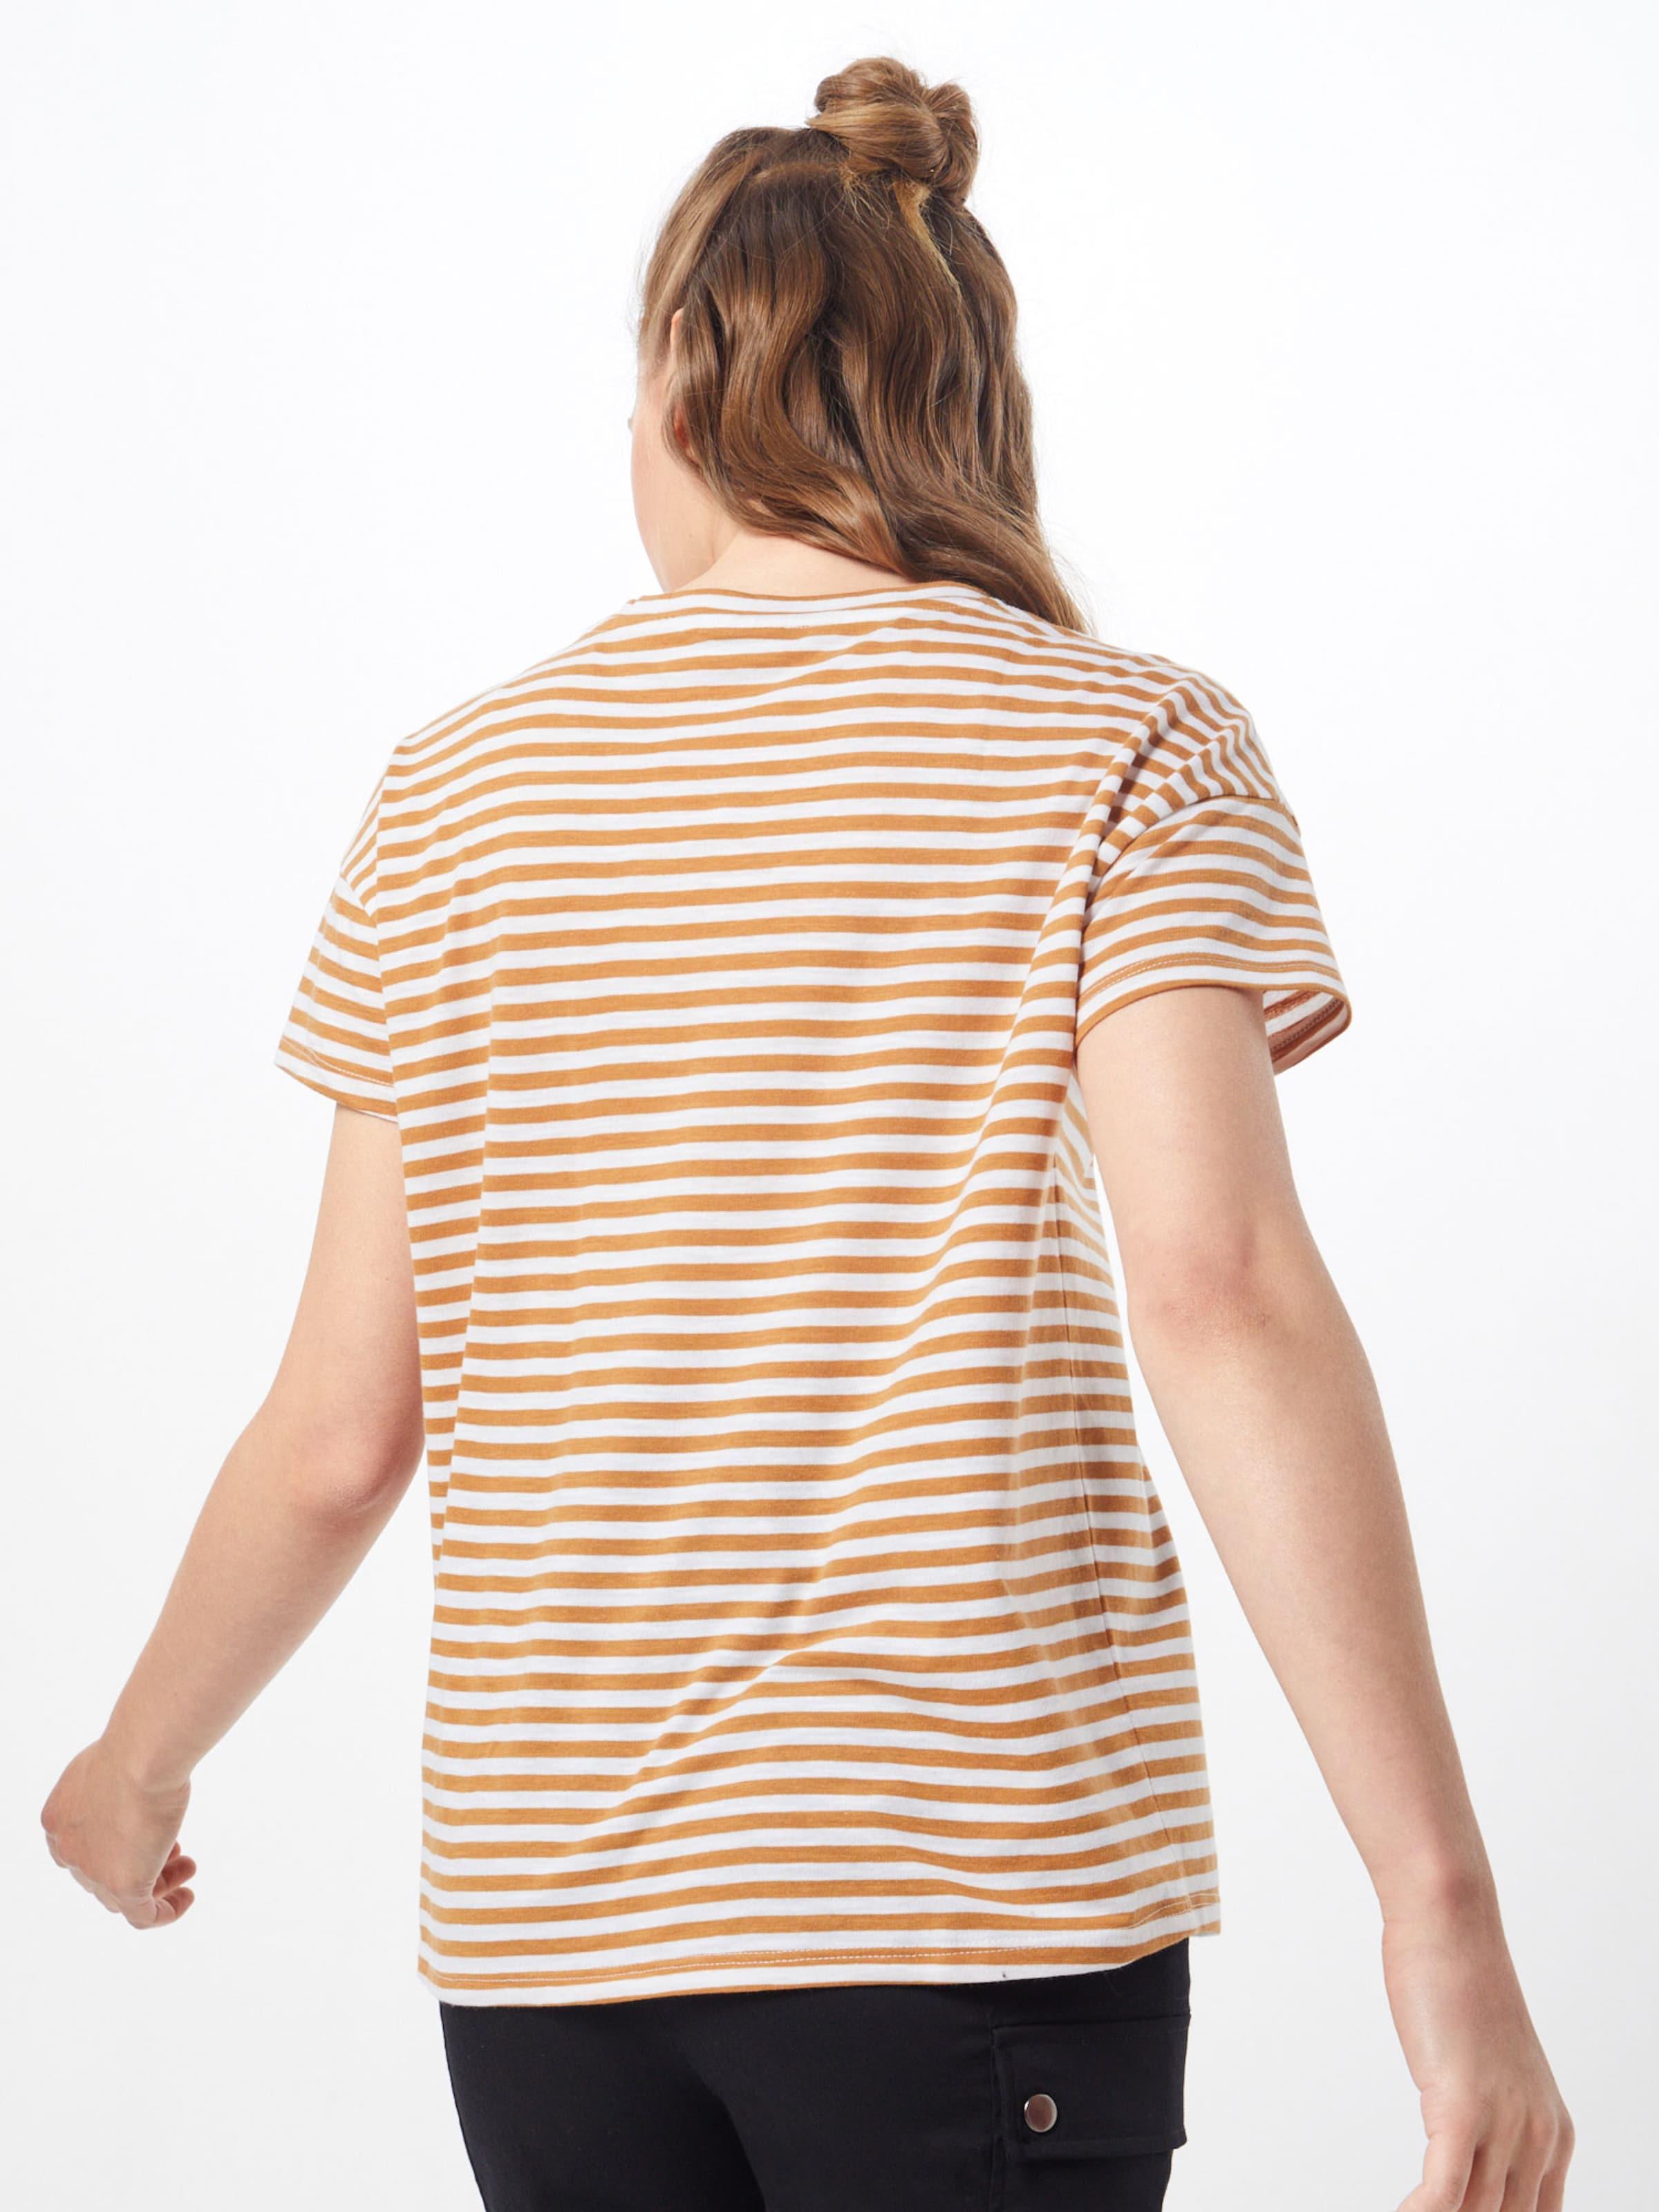 Shirt 'command' BraunWeiß May Noisy In wTPXuOZki